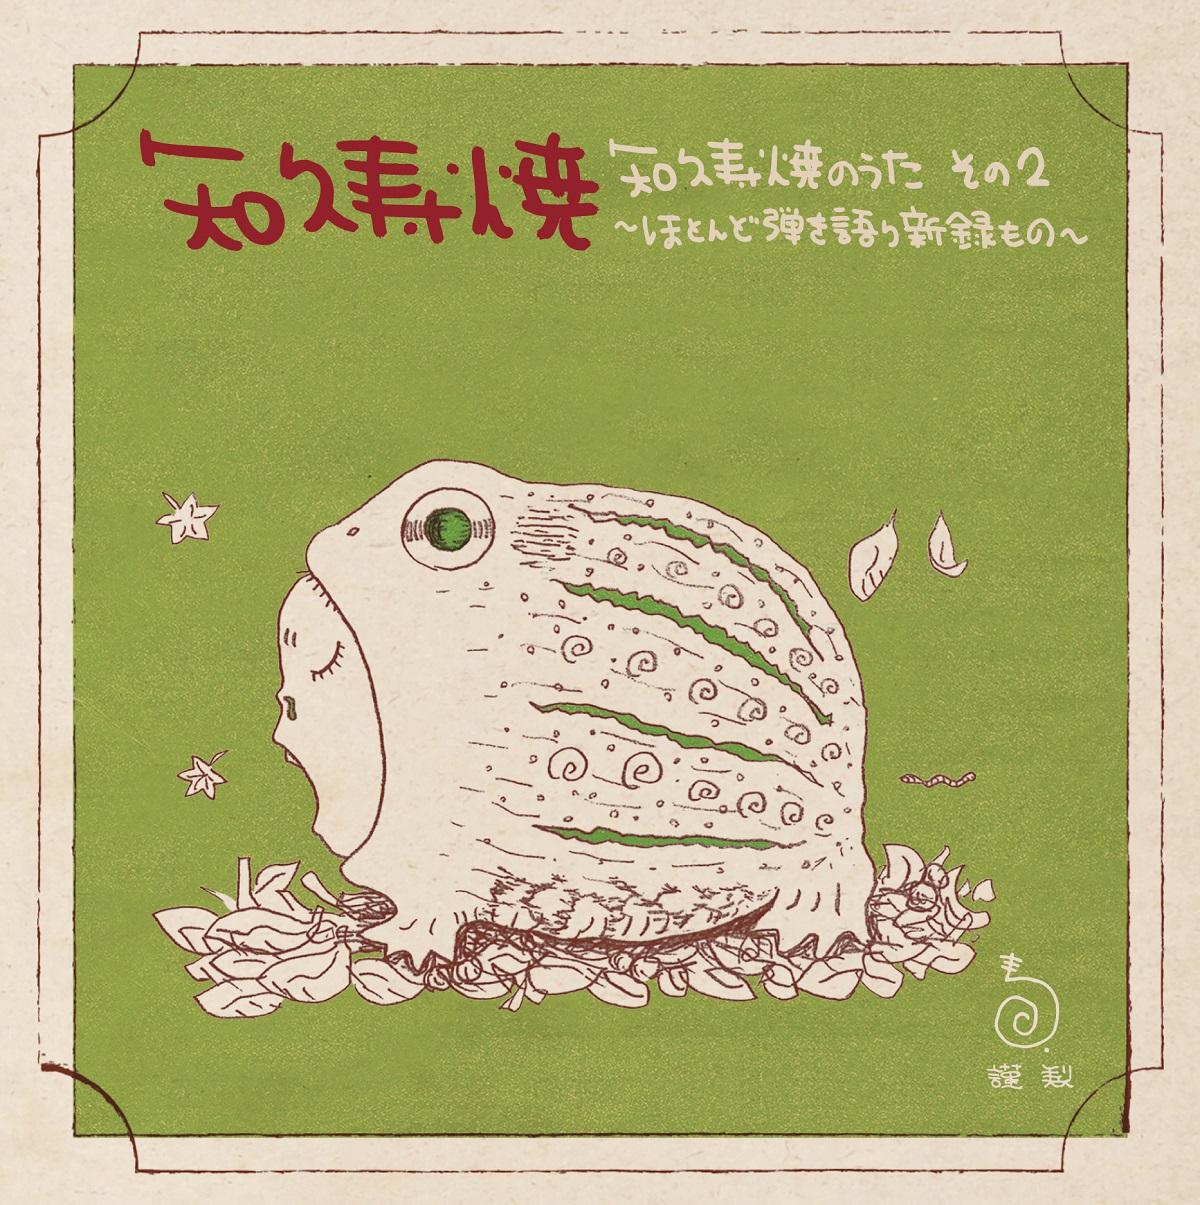 06-066 知久寿焼 – 知久寿焼のうた その2~ほとんど弾き語り新録もの~